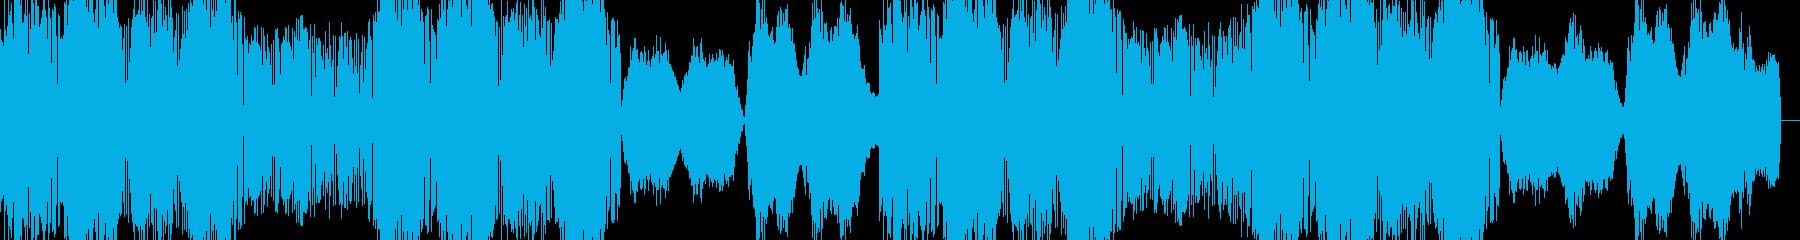 奇抜なドラムンベースのシンセトラックの再生済みの波形